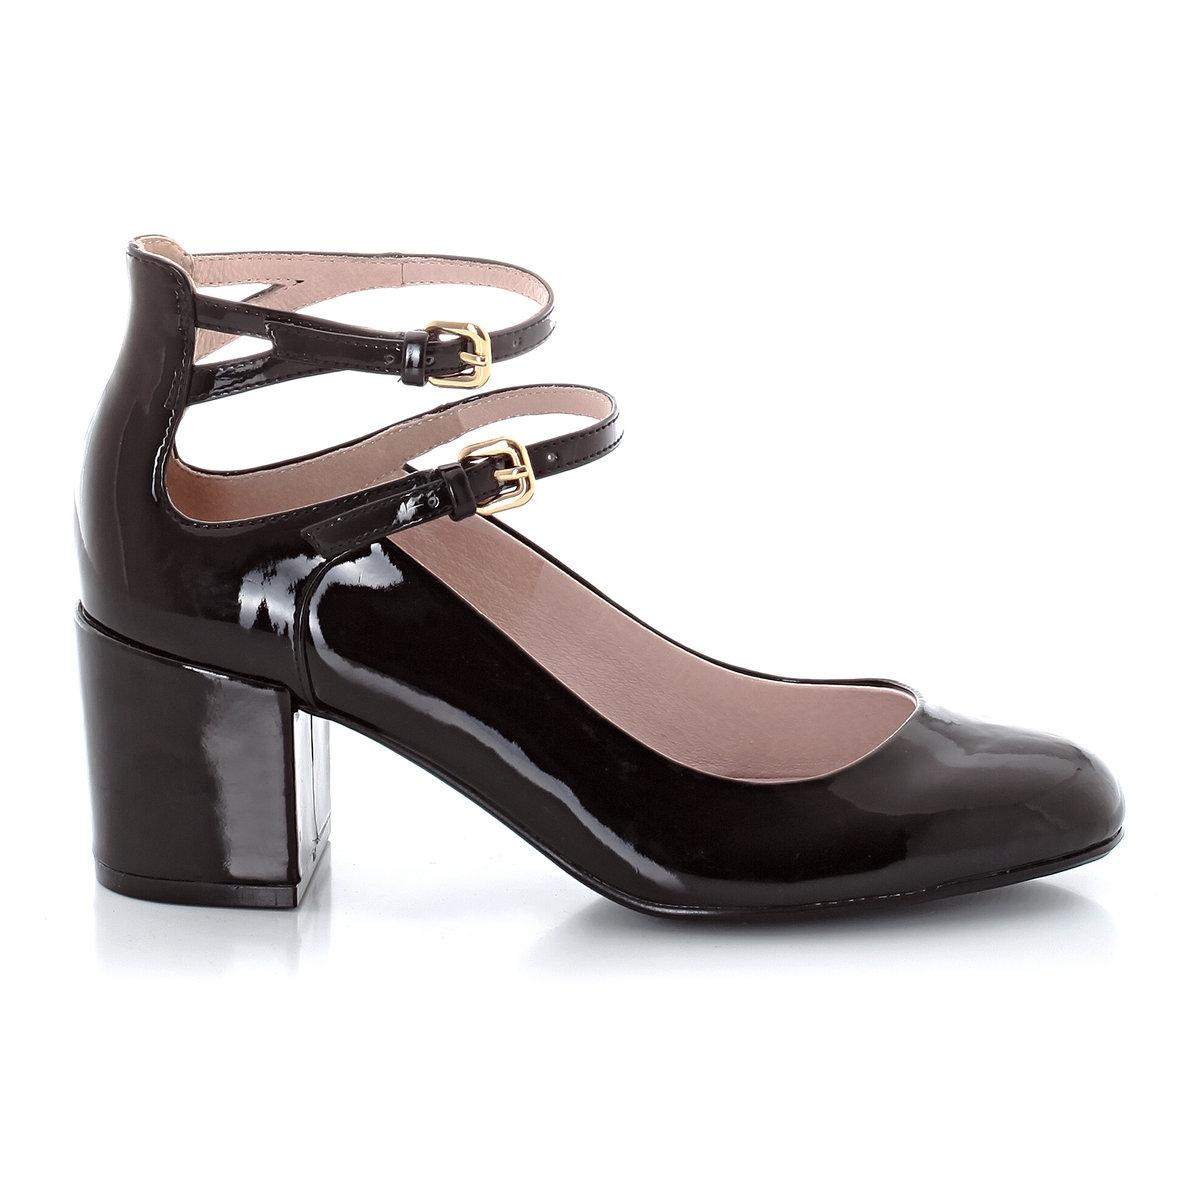 Балетки лакированные на каблукеВерх : синтетикаПодкладка : кожаСтелька : кожаПодошва : эластомерВысота каблука : 6 смФорма каблука : широкийМысок : закругленныйЗастежка : ремешкиМарка: mademoiselle R<br><br>Цвет: синий,черный<br>Размер: 38.39.40.41.35.36.37.40